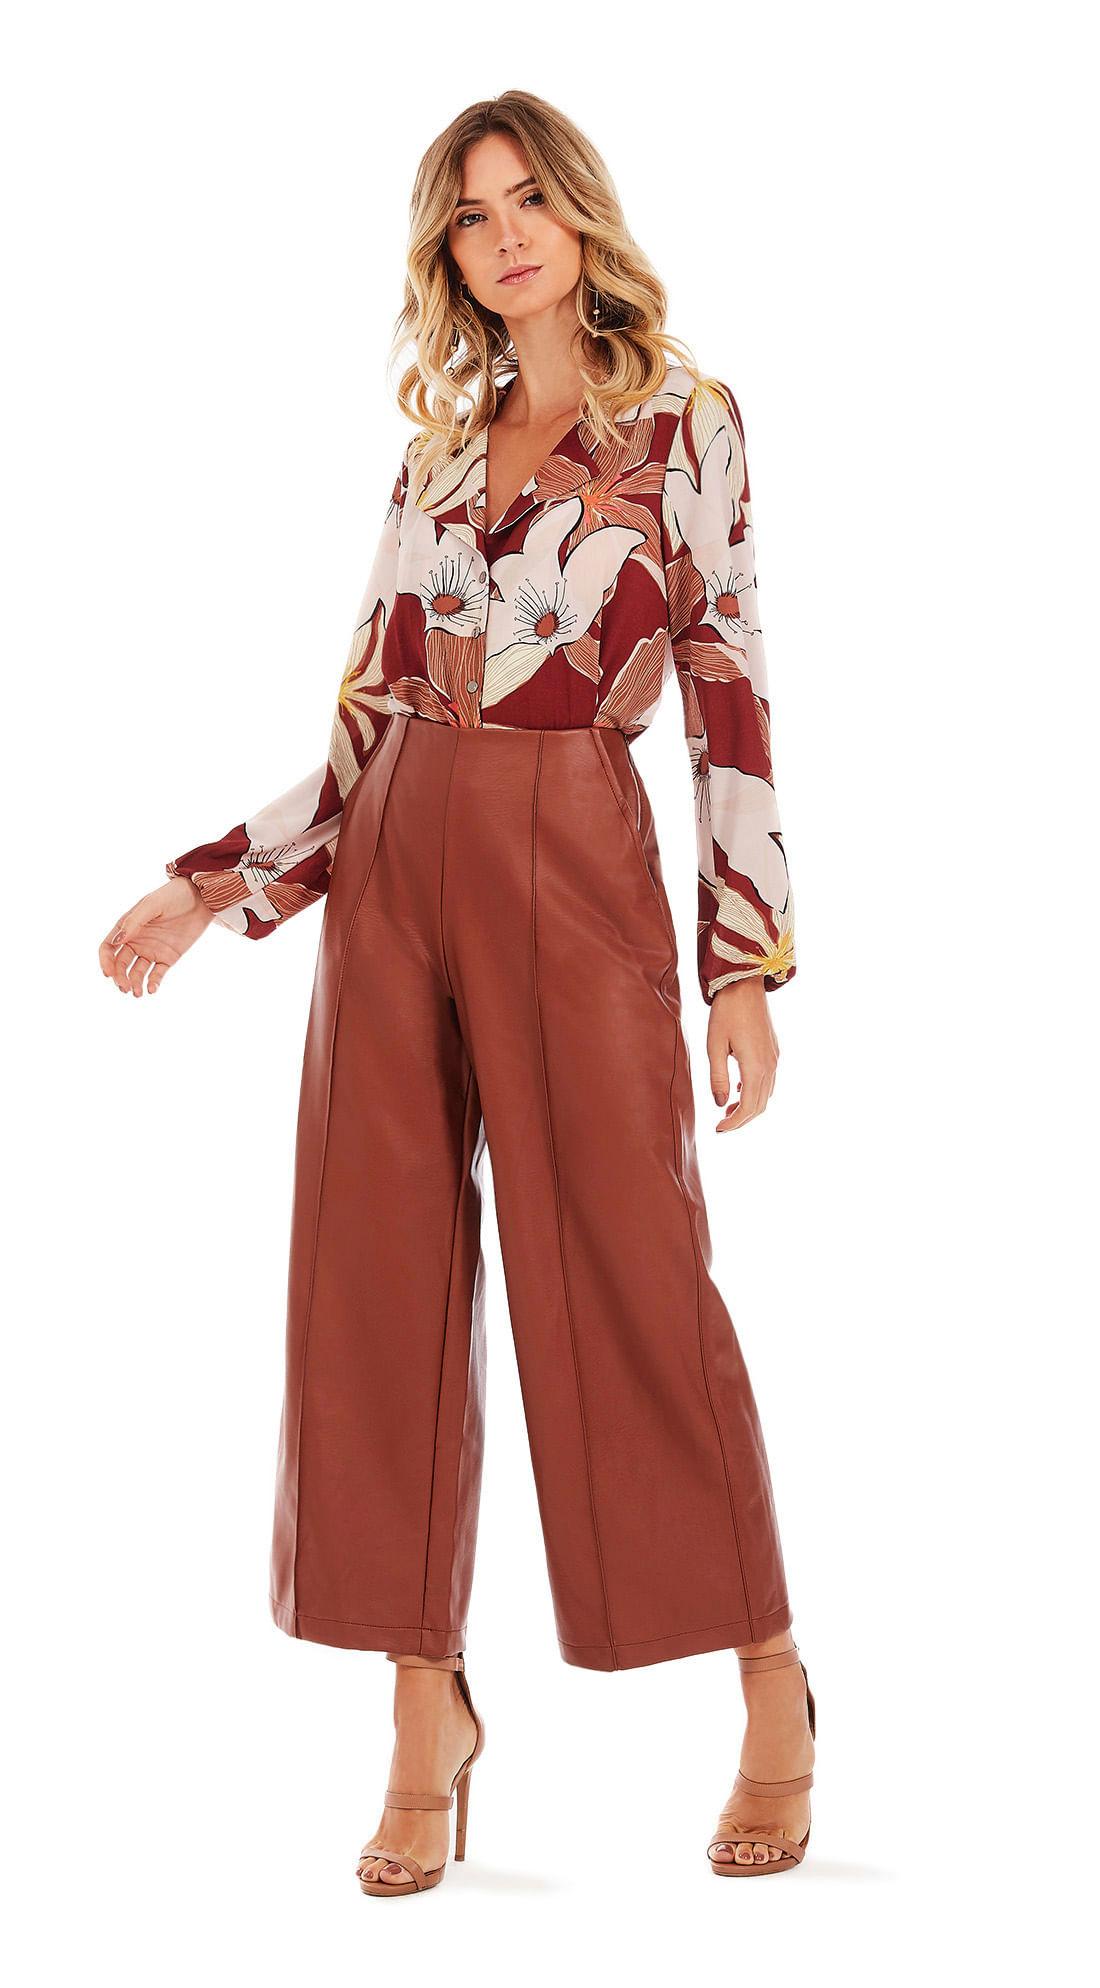 869b1ec13 morenarosa · Vestuário · Camisas · Camisa Manga Longa Com Amarracao Vermelho /Marrom